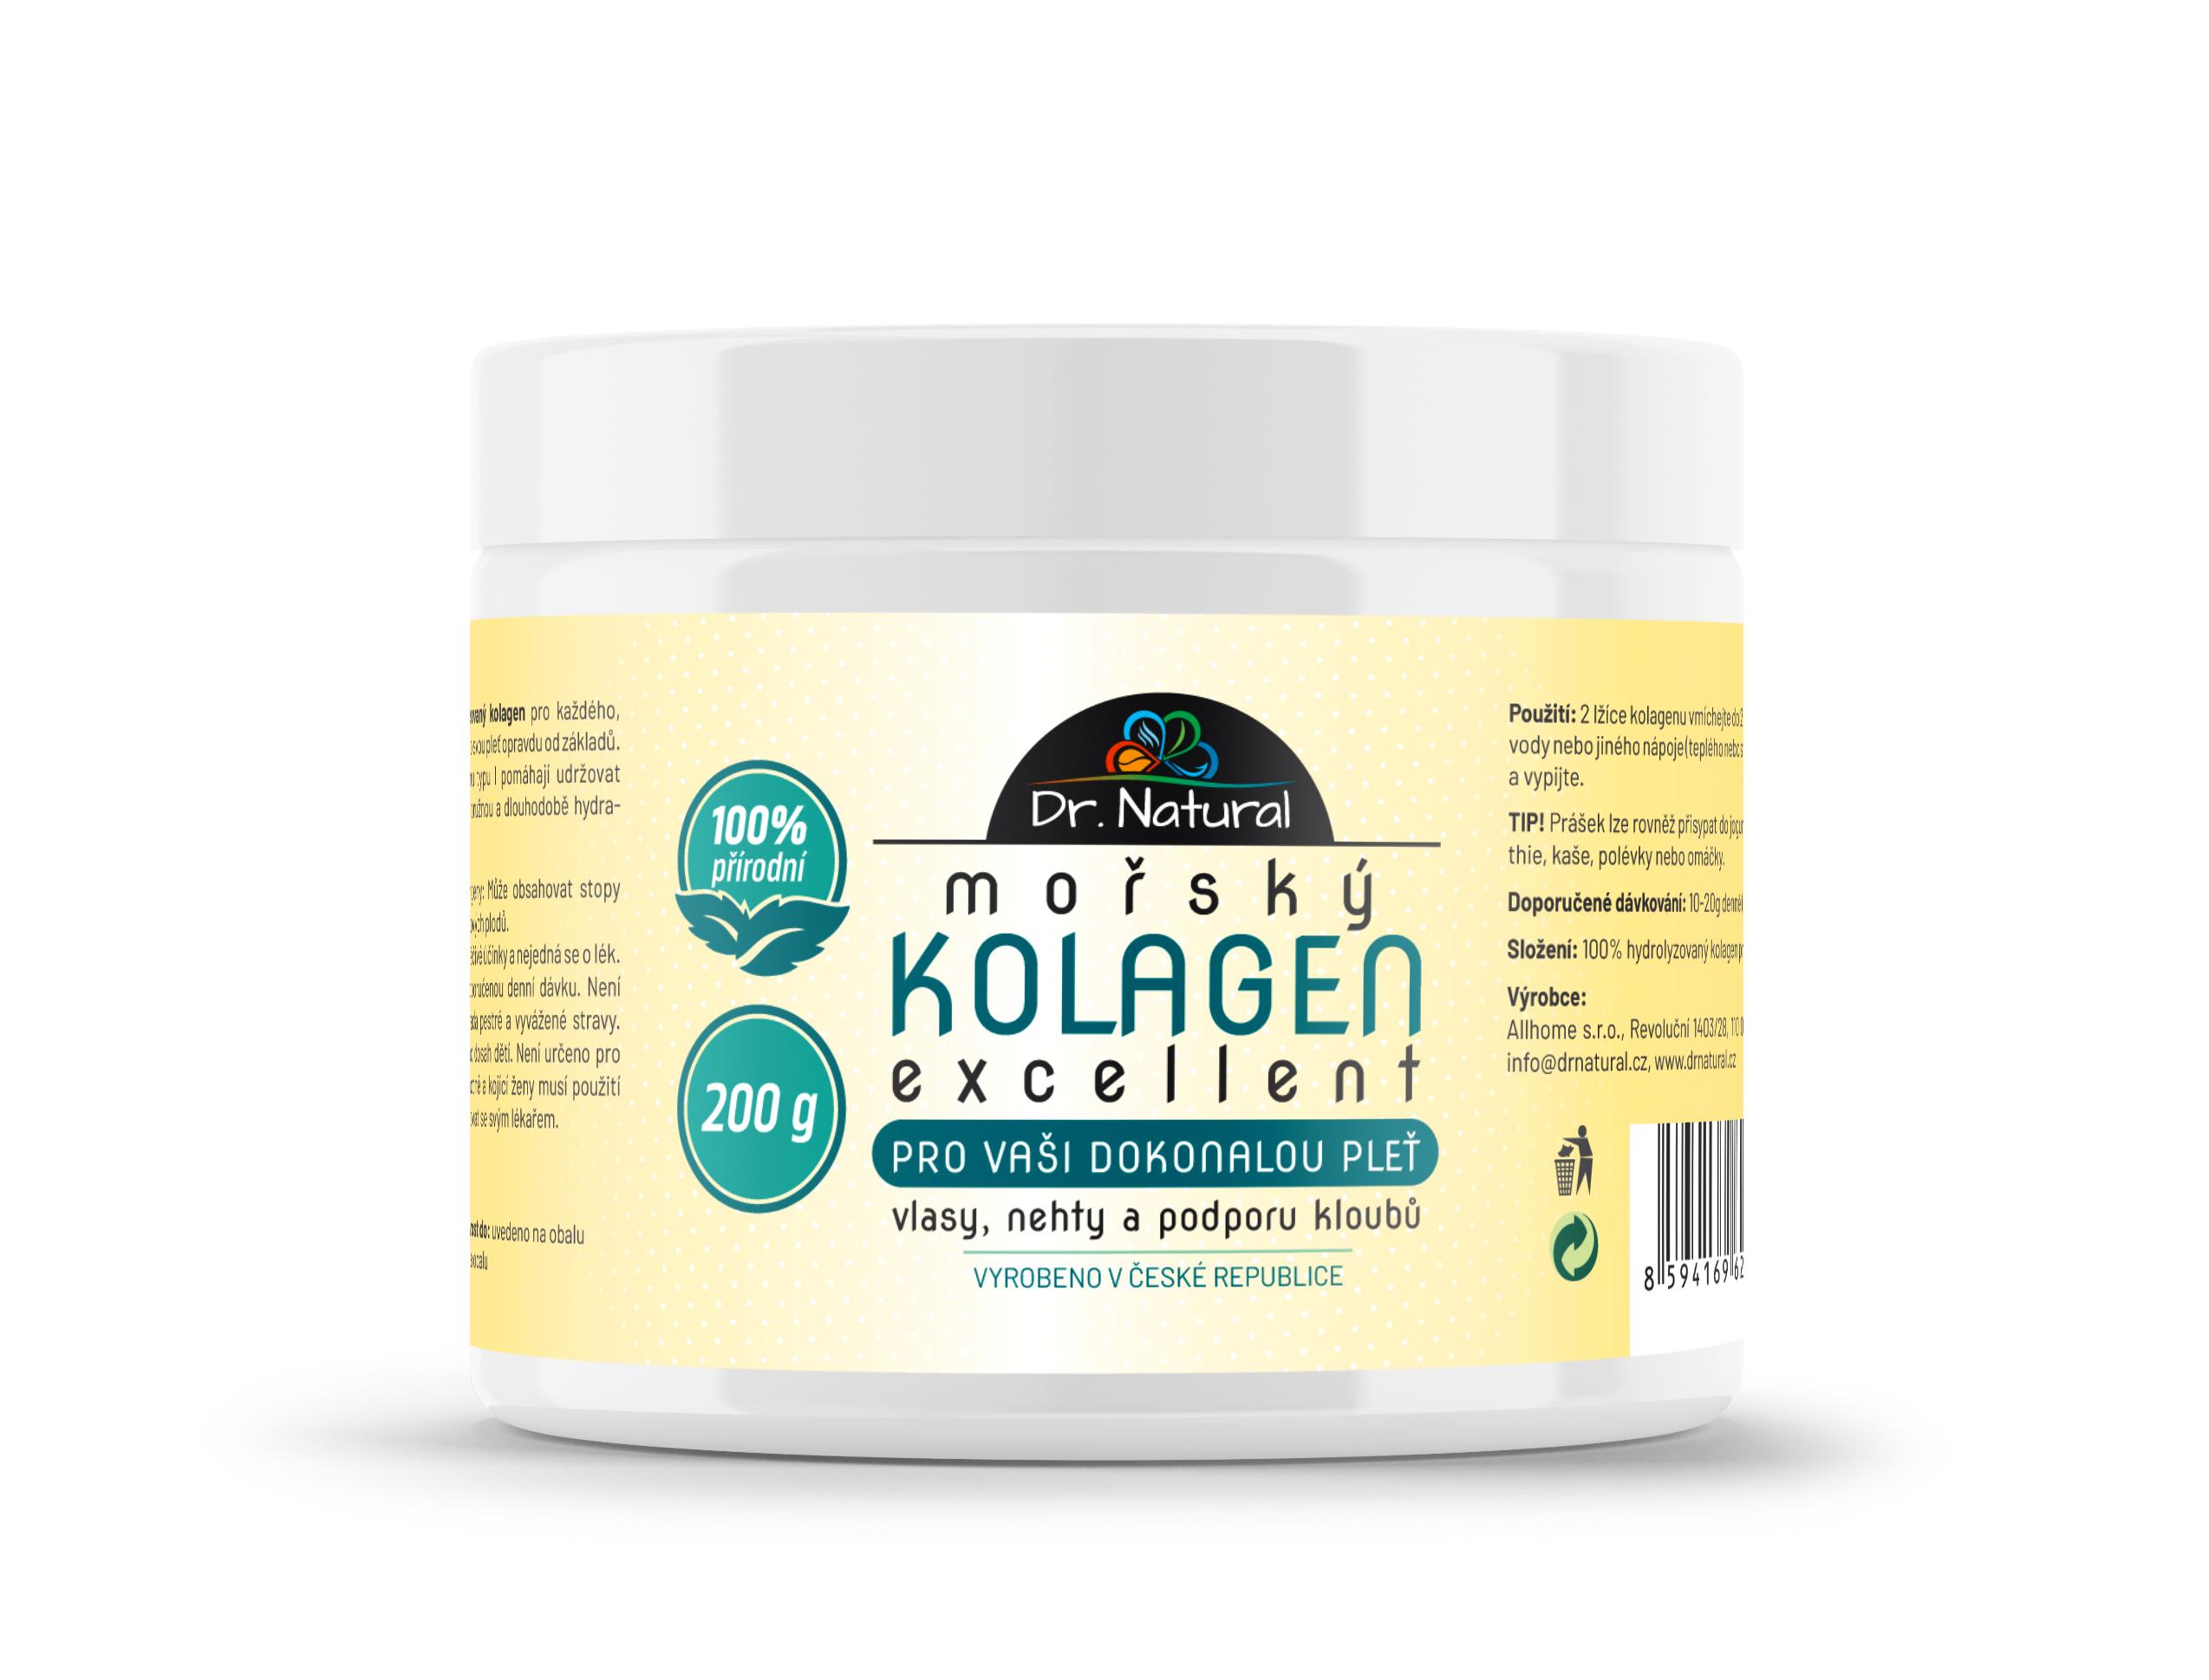 Dr.Natural Mořský Kolagen Excellent 200g 100%